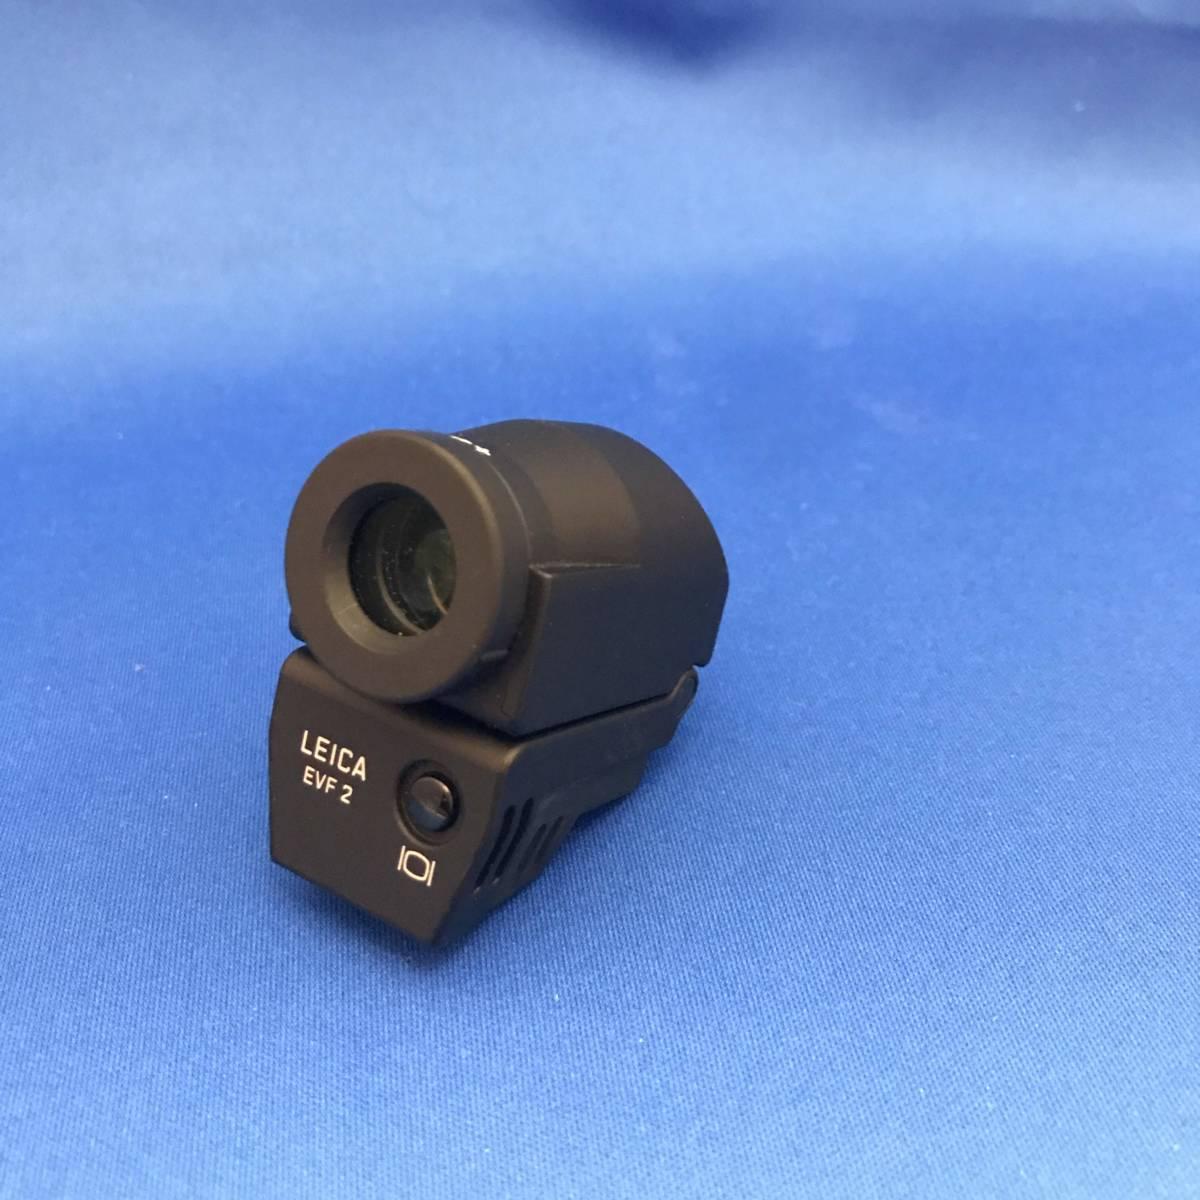 ライカ Leica 18753 EVF2 電子ビューファインダー 極美品 ケース 取説 元箱 送料無料 カバー付き_画像2